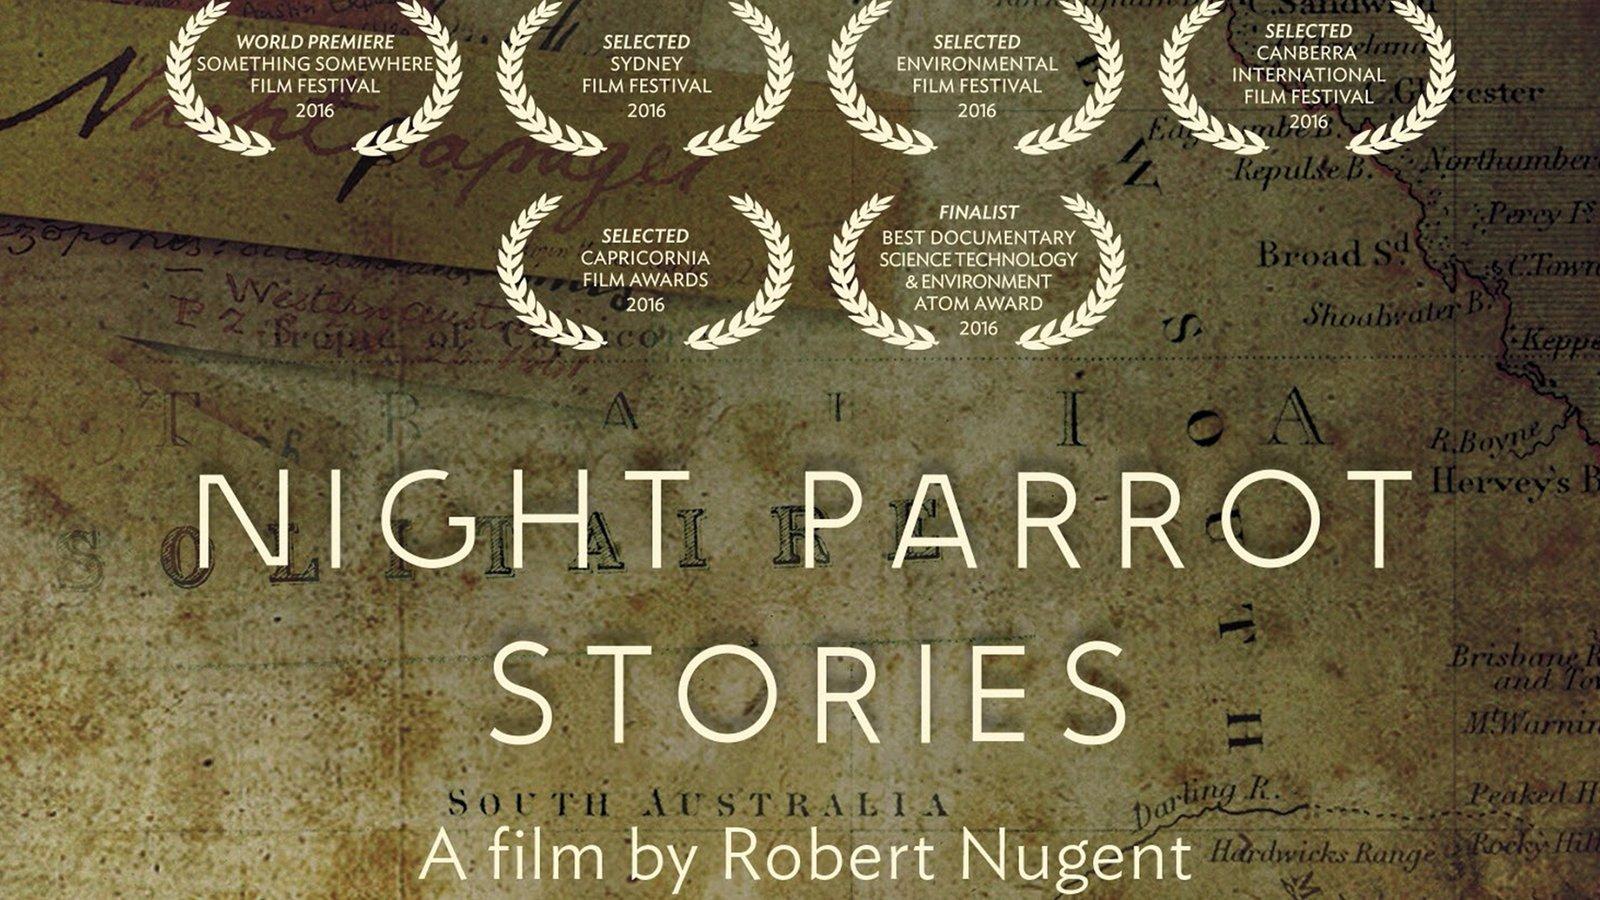 Night Parrot Stories - A Mysterious Australian Bird